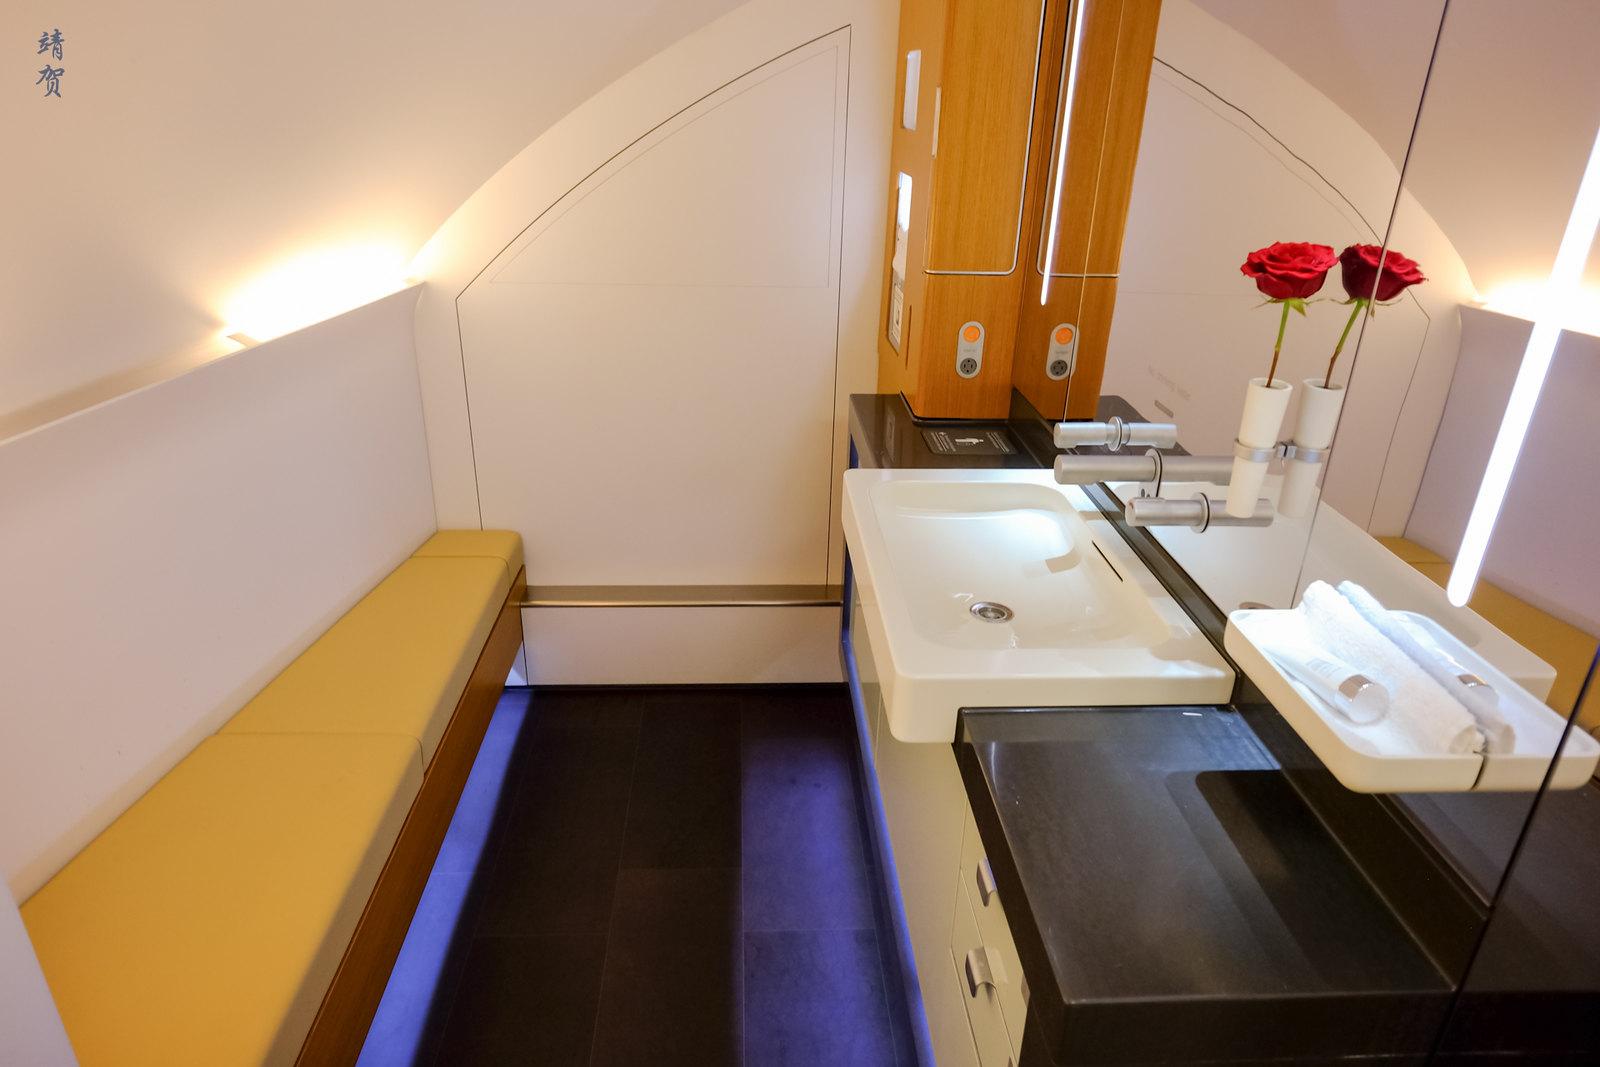 Portside lavatory